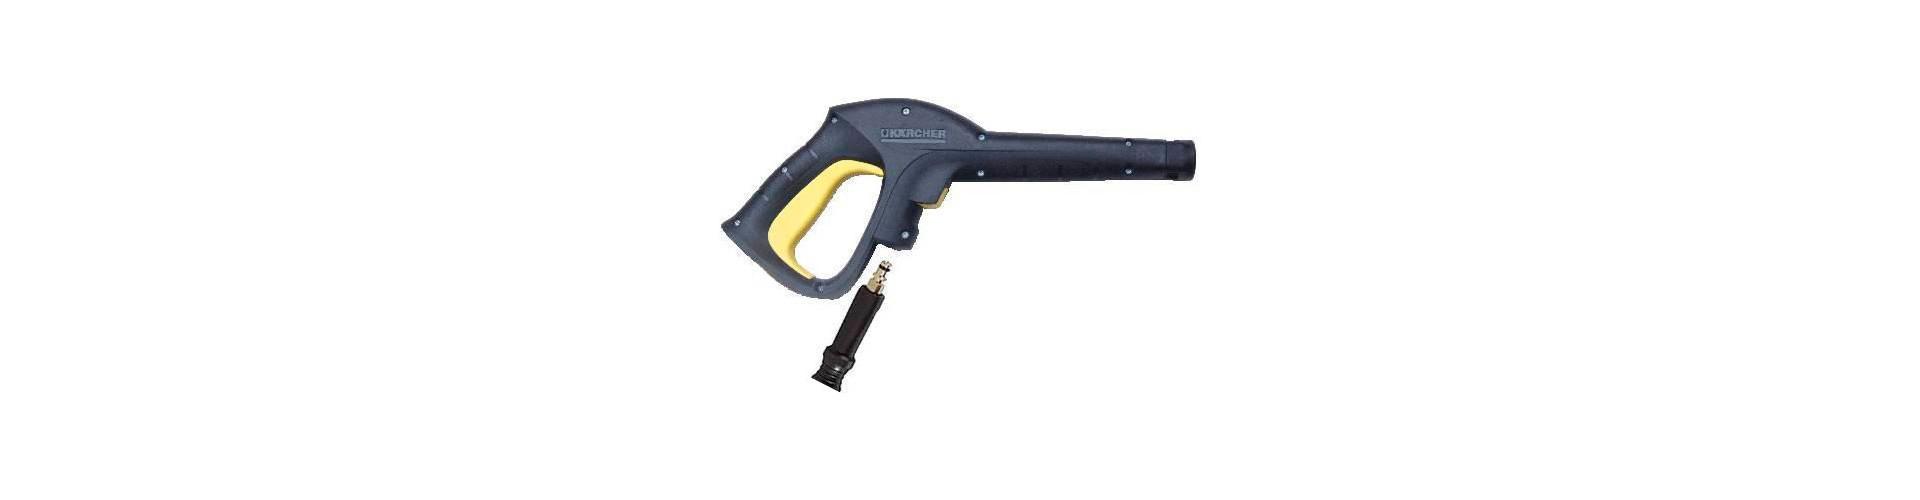 Как у Karcher подключается шланг высокого давления к пистолету ?